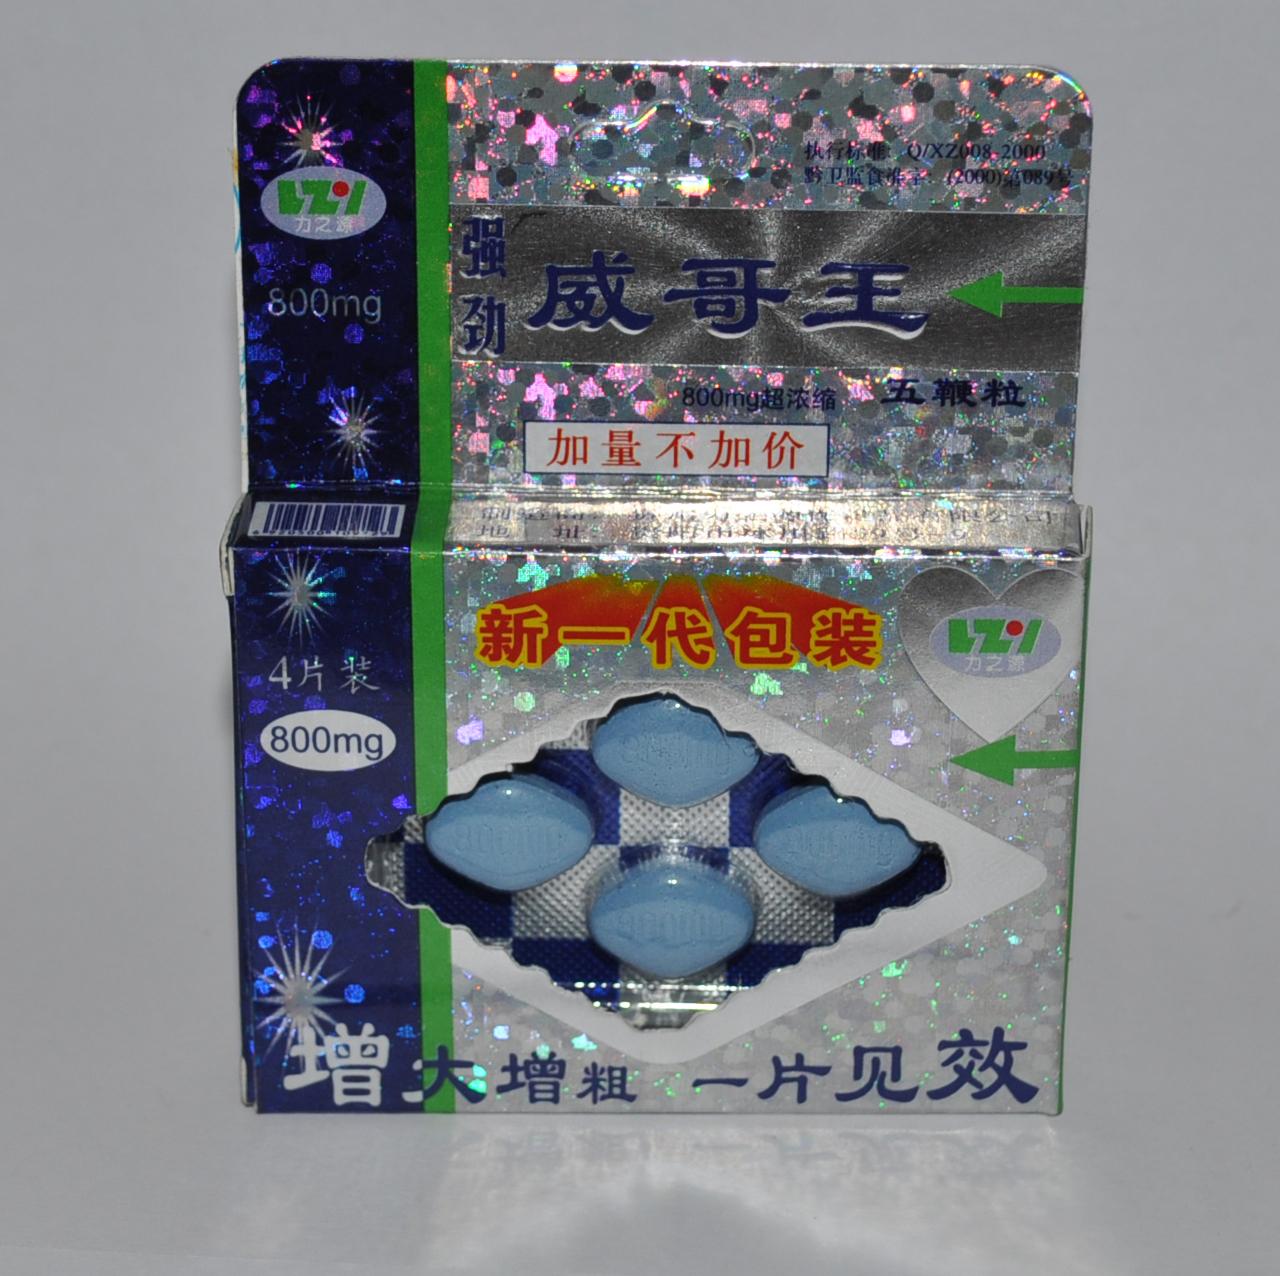 Viagra - Can i buy viagra in china, viagra price canada, prix viagra 50 mg pharmacie